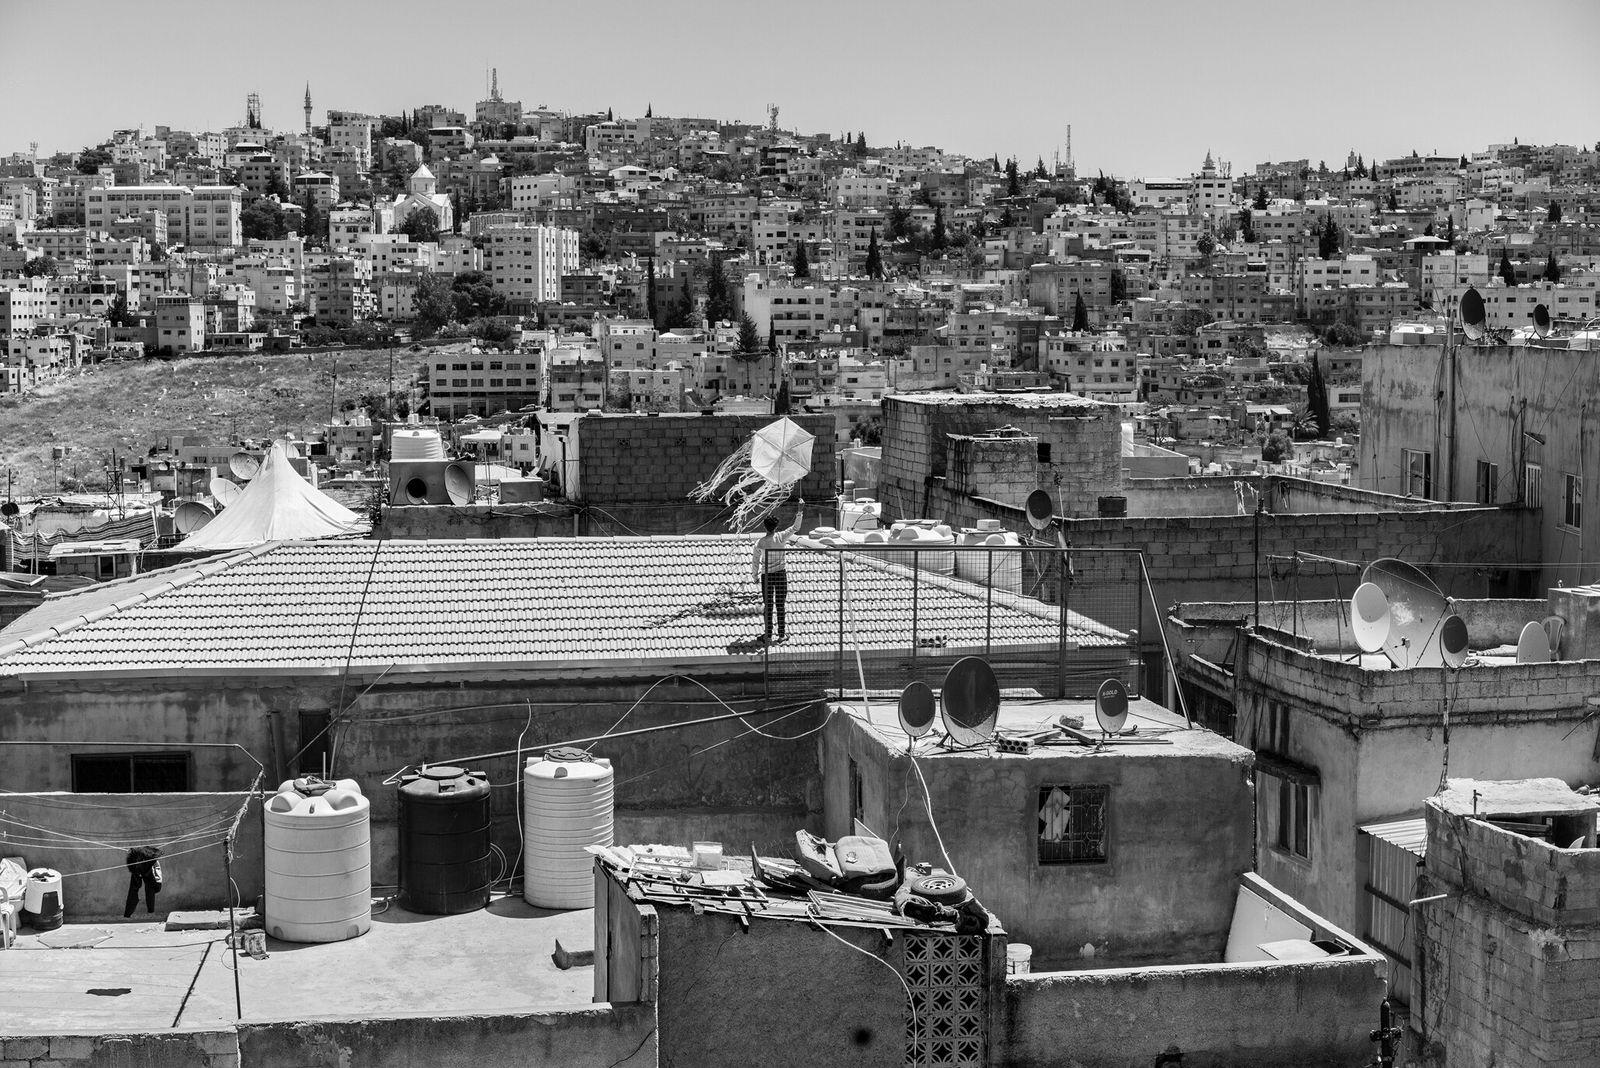 Fotografía de un joven jordano volando una cometa